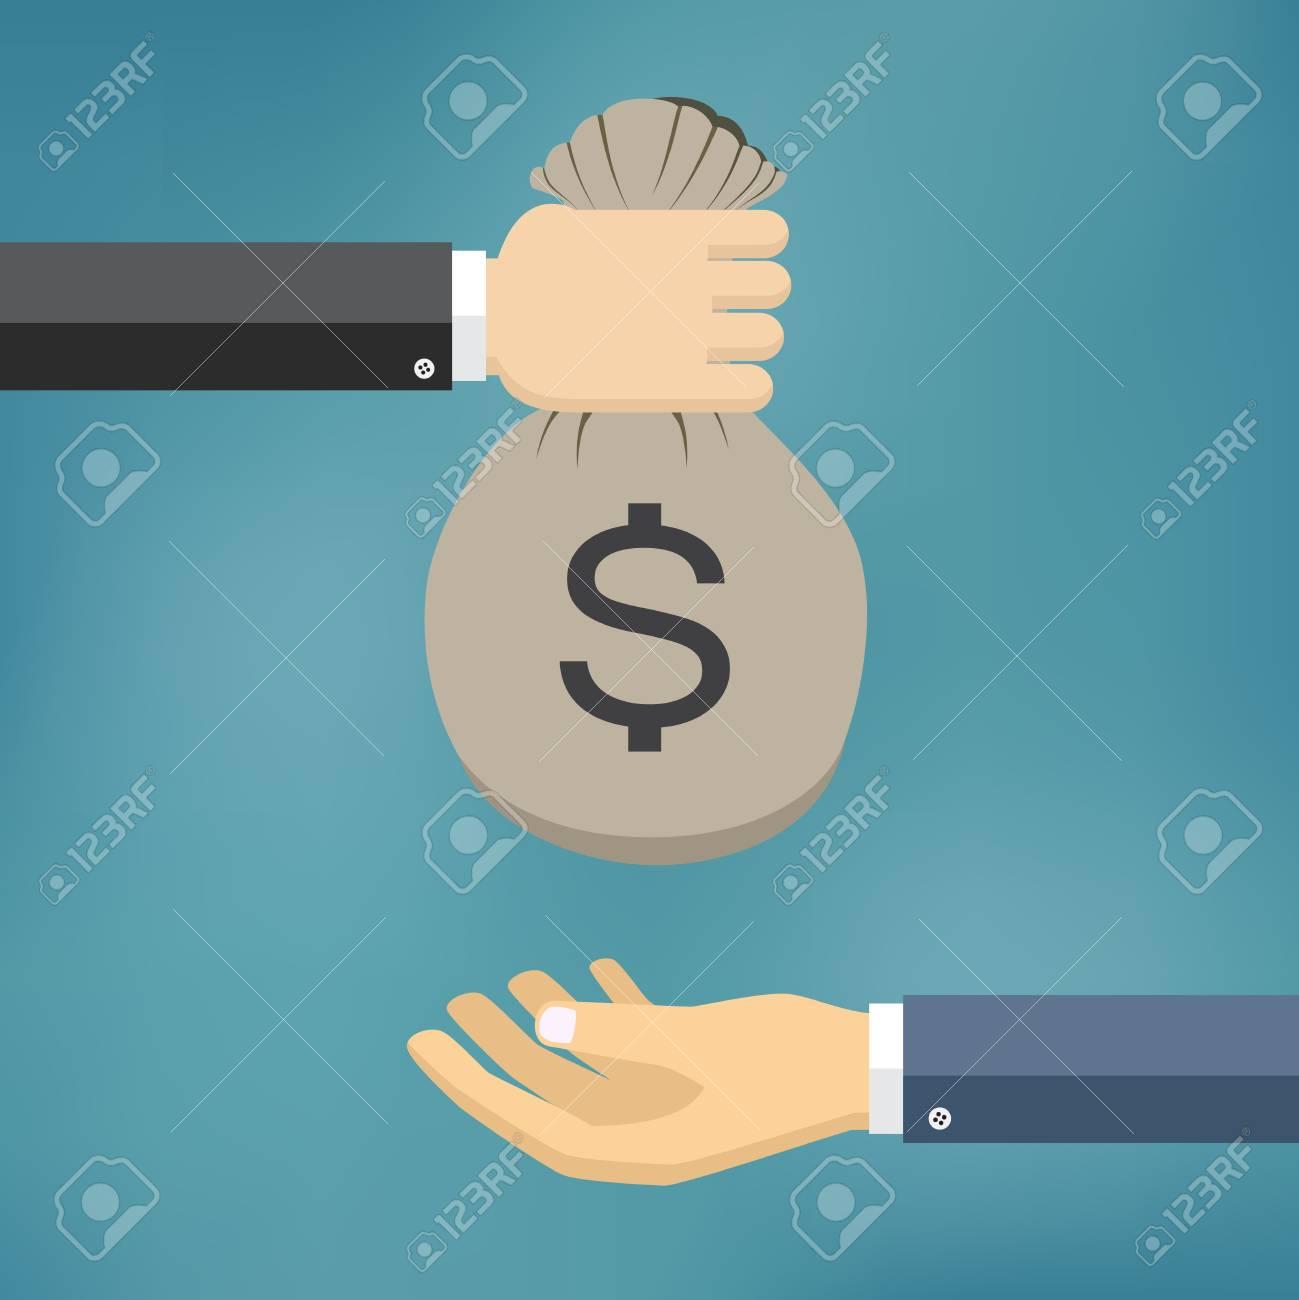 La mano del hombre da bolsa de dinero a otra persona. ilustración vectorial pago.